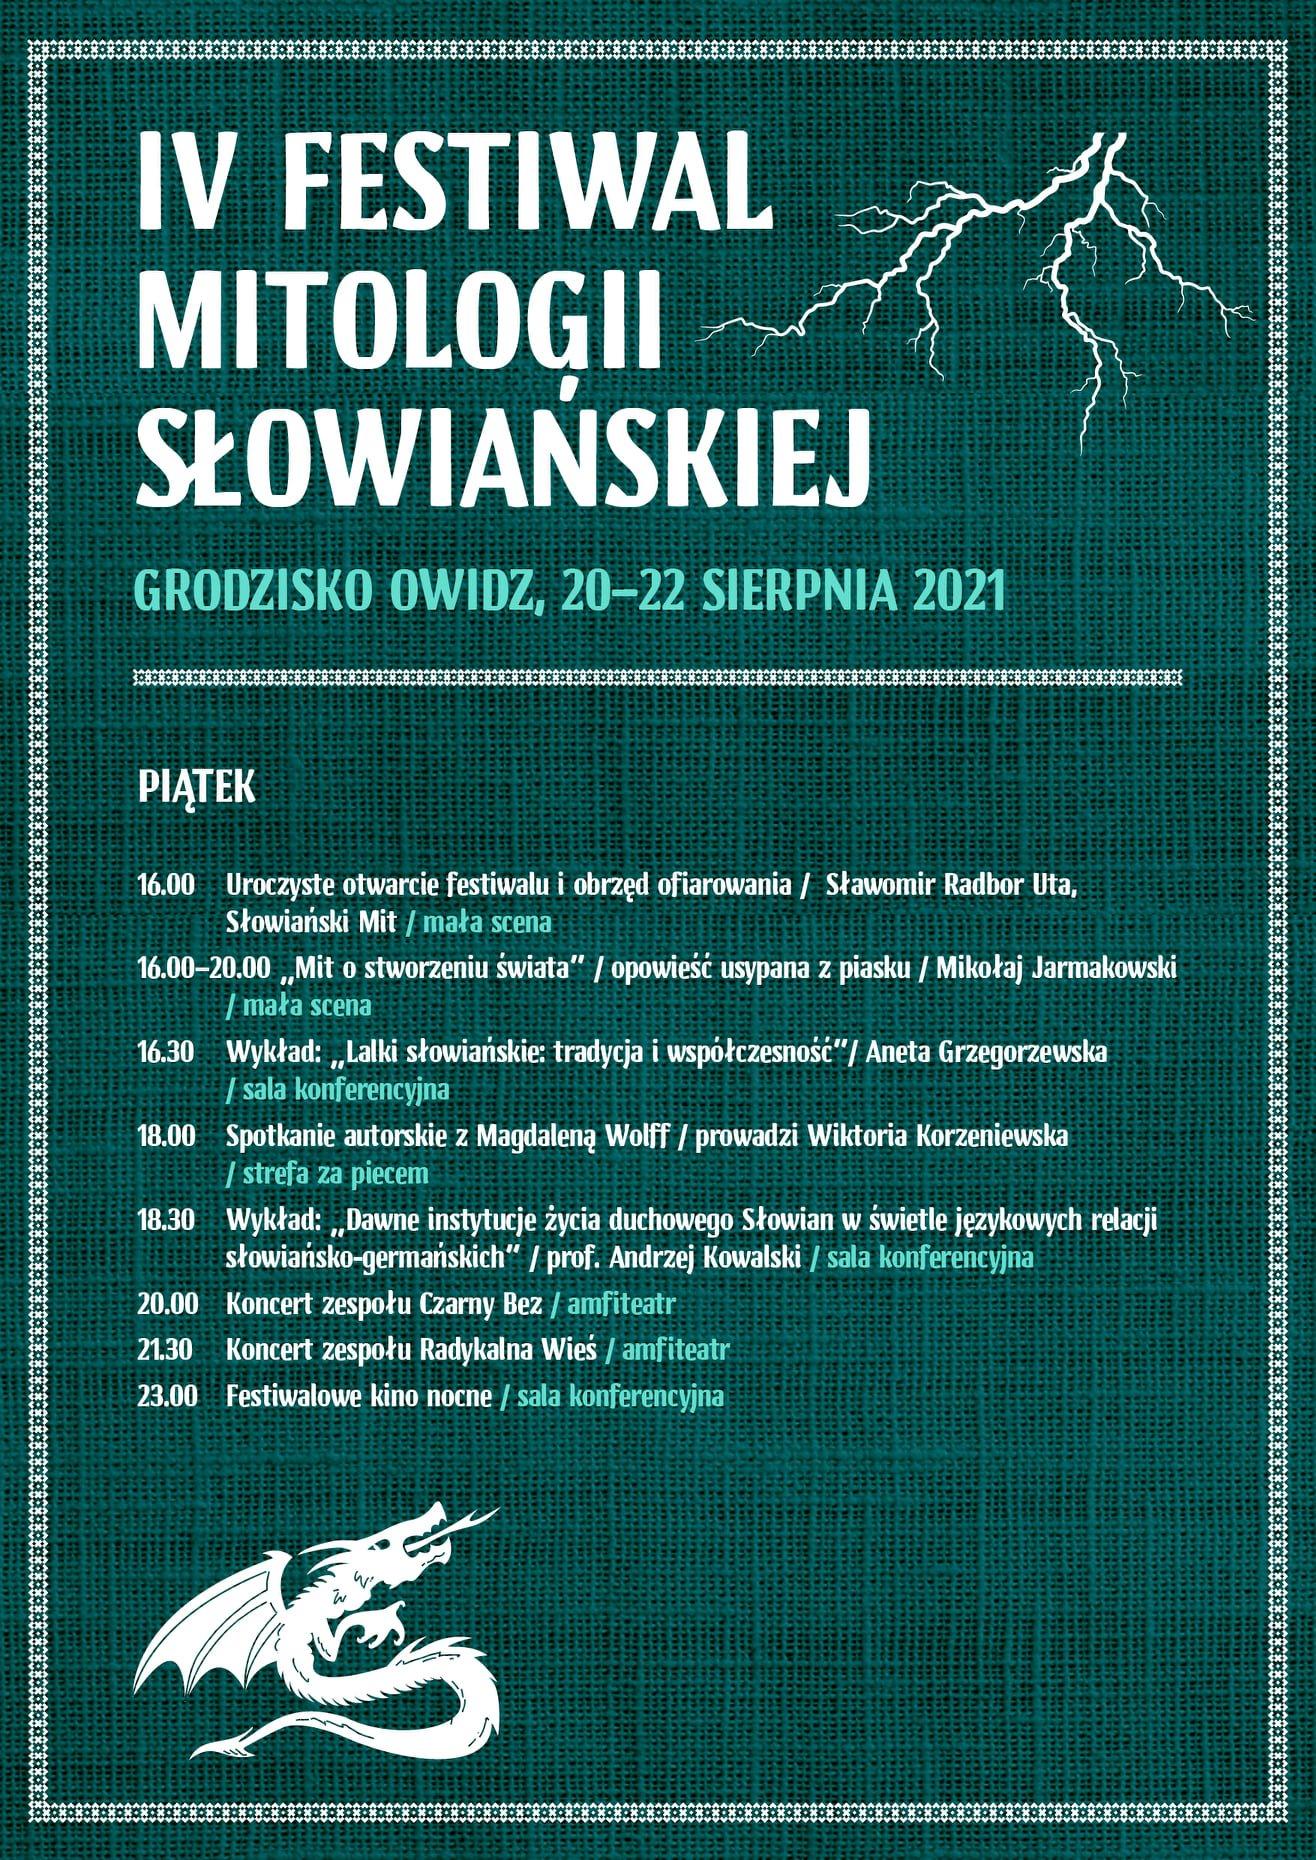 Poznaj swoje korzenie - zapraszamy na Festiwal Mitologii Słowiańskiej 2